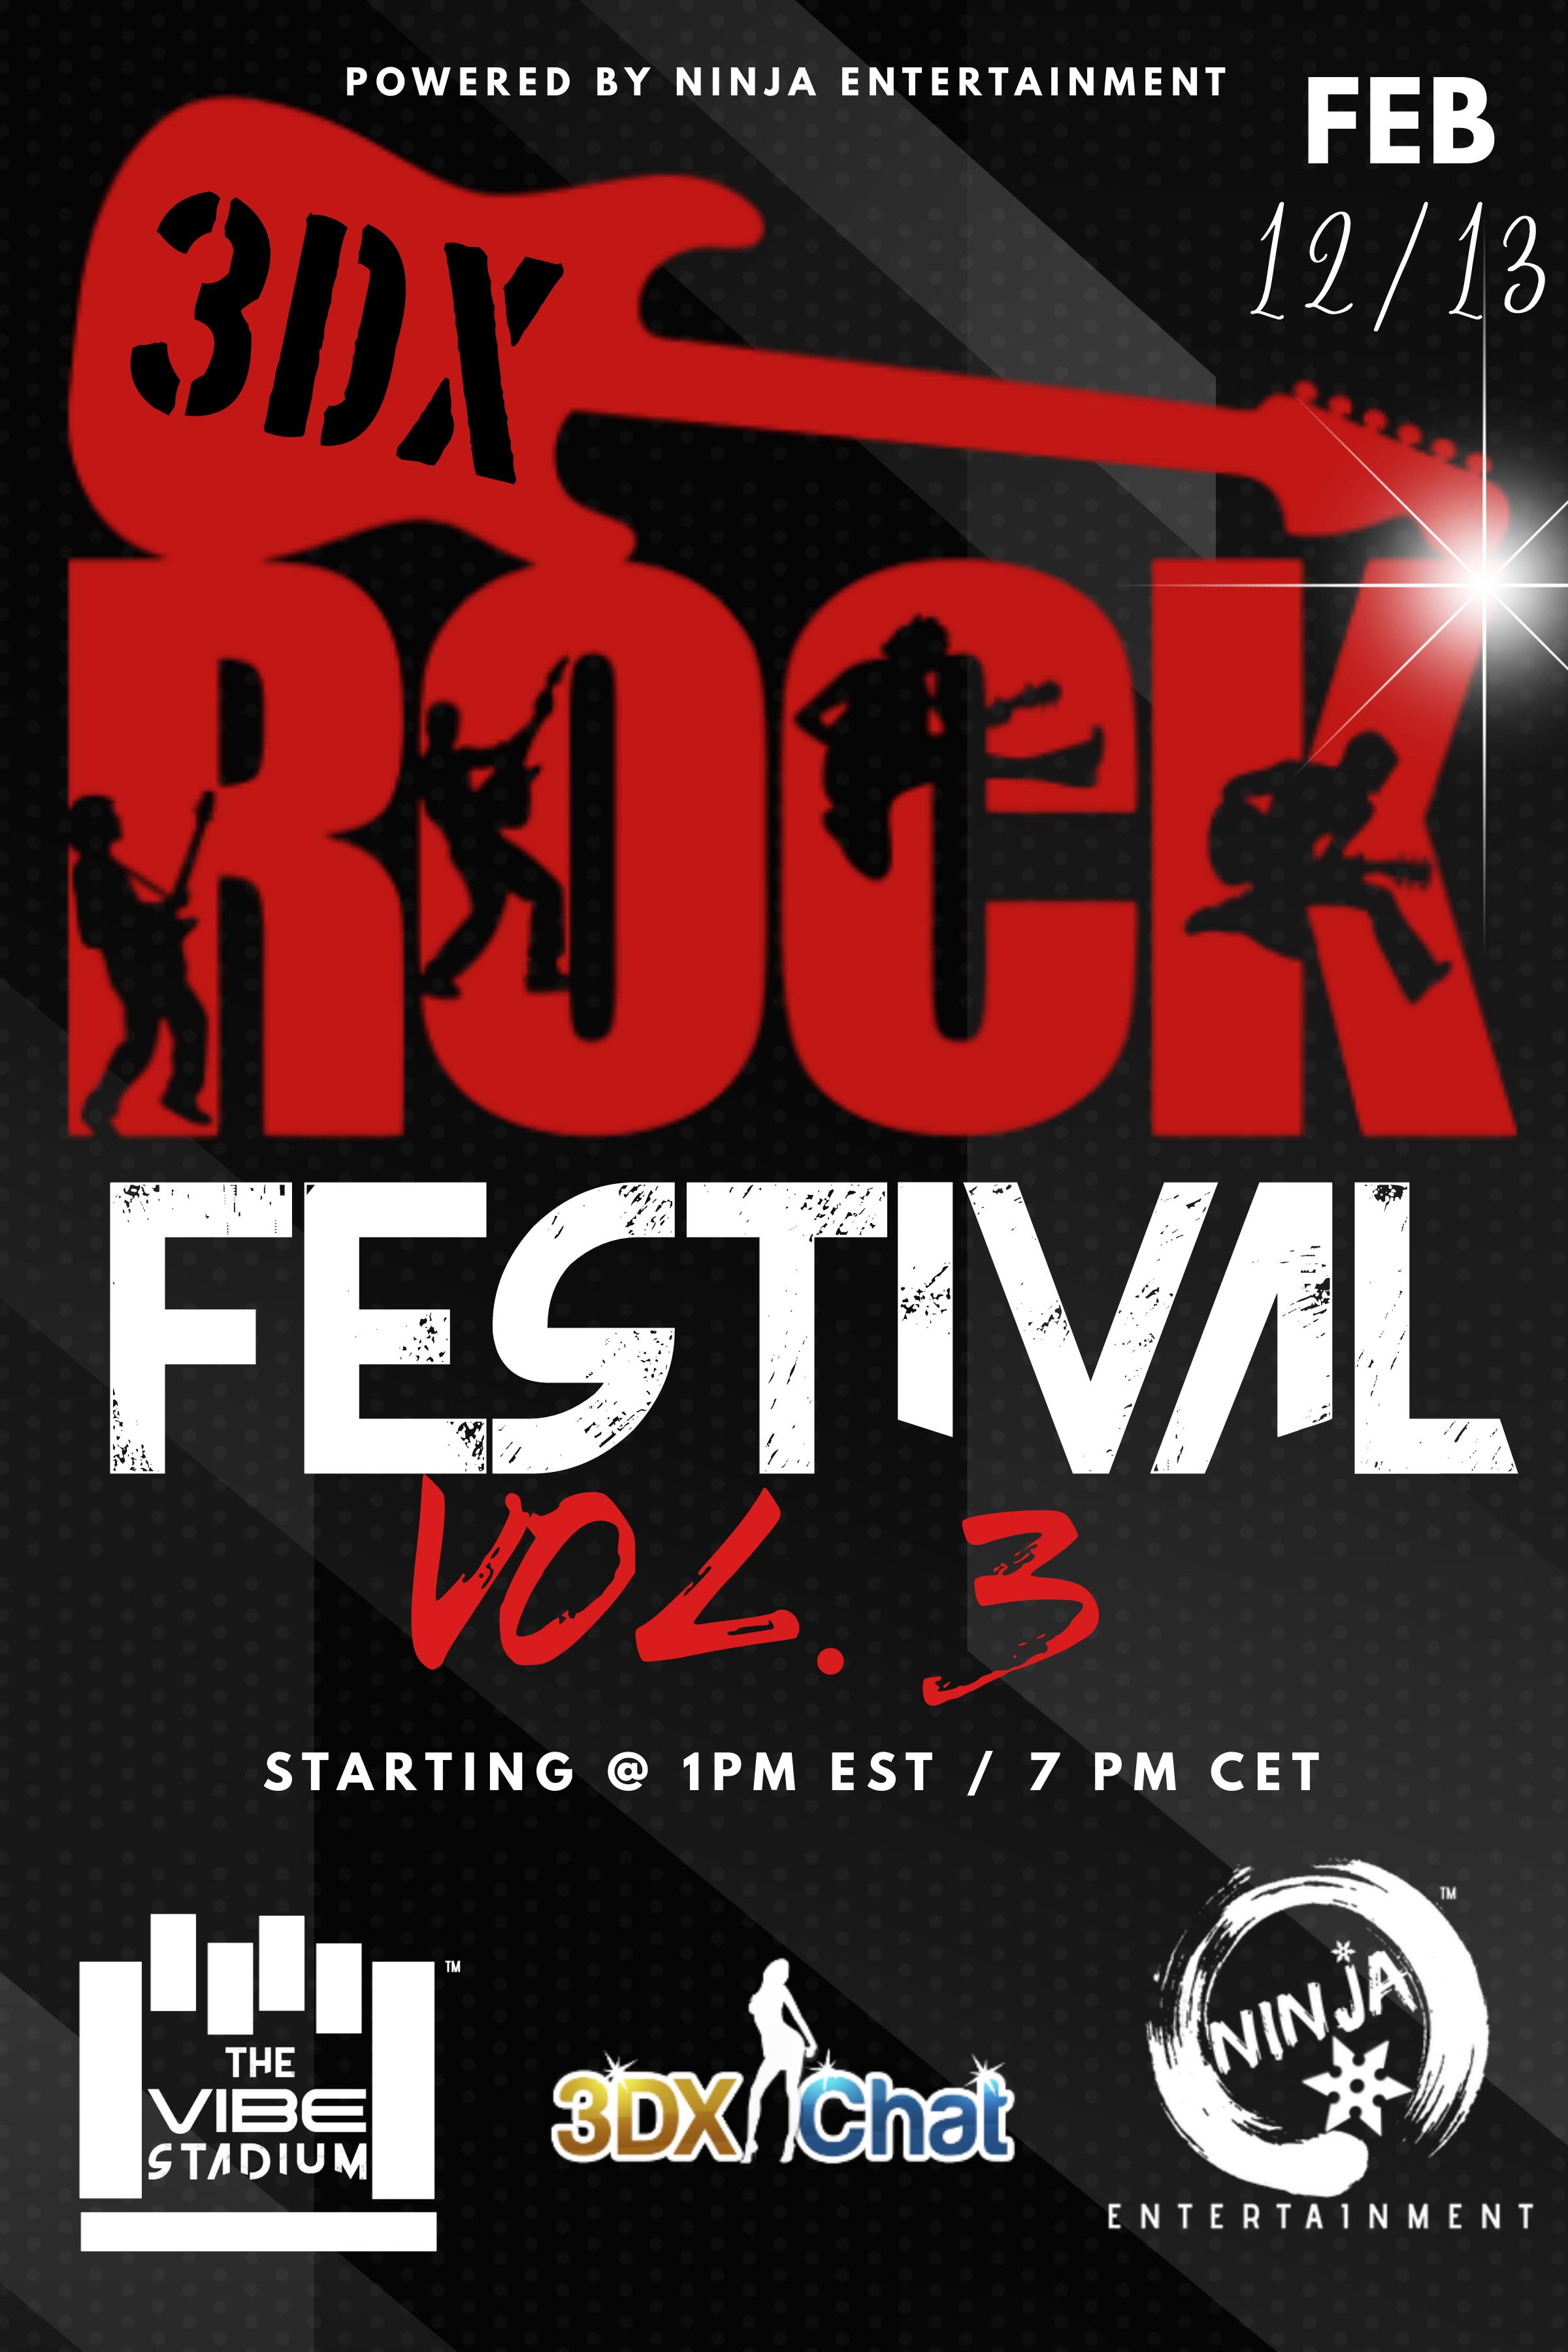 3dx_rock_festival_3_poster.jpg